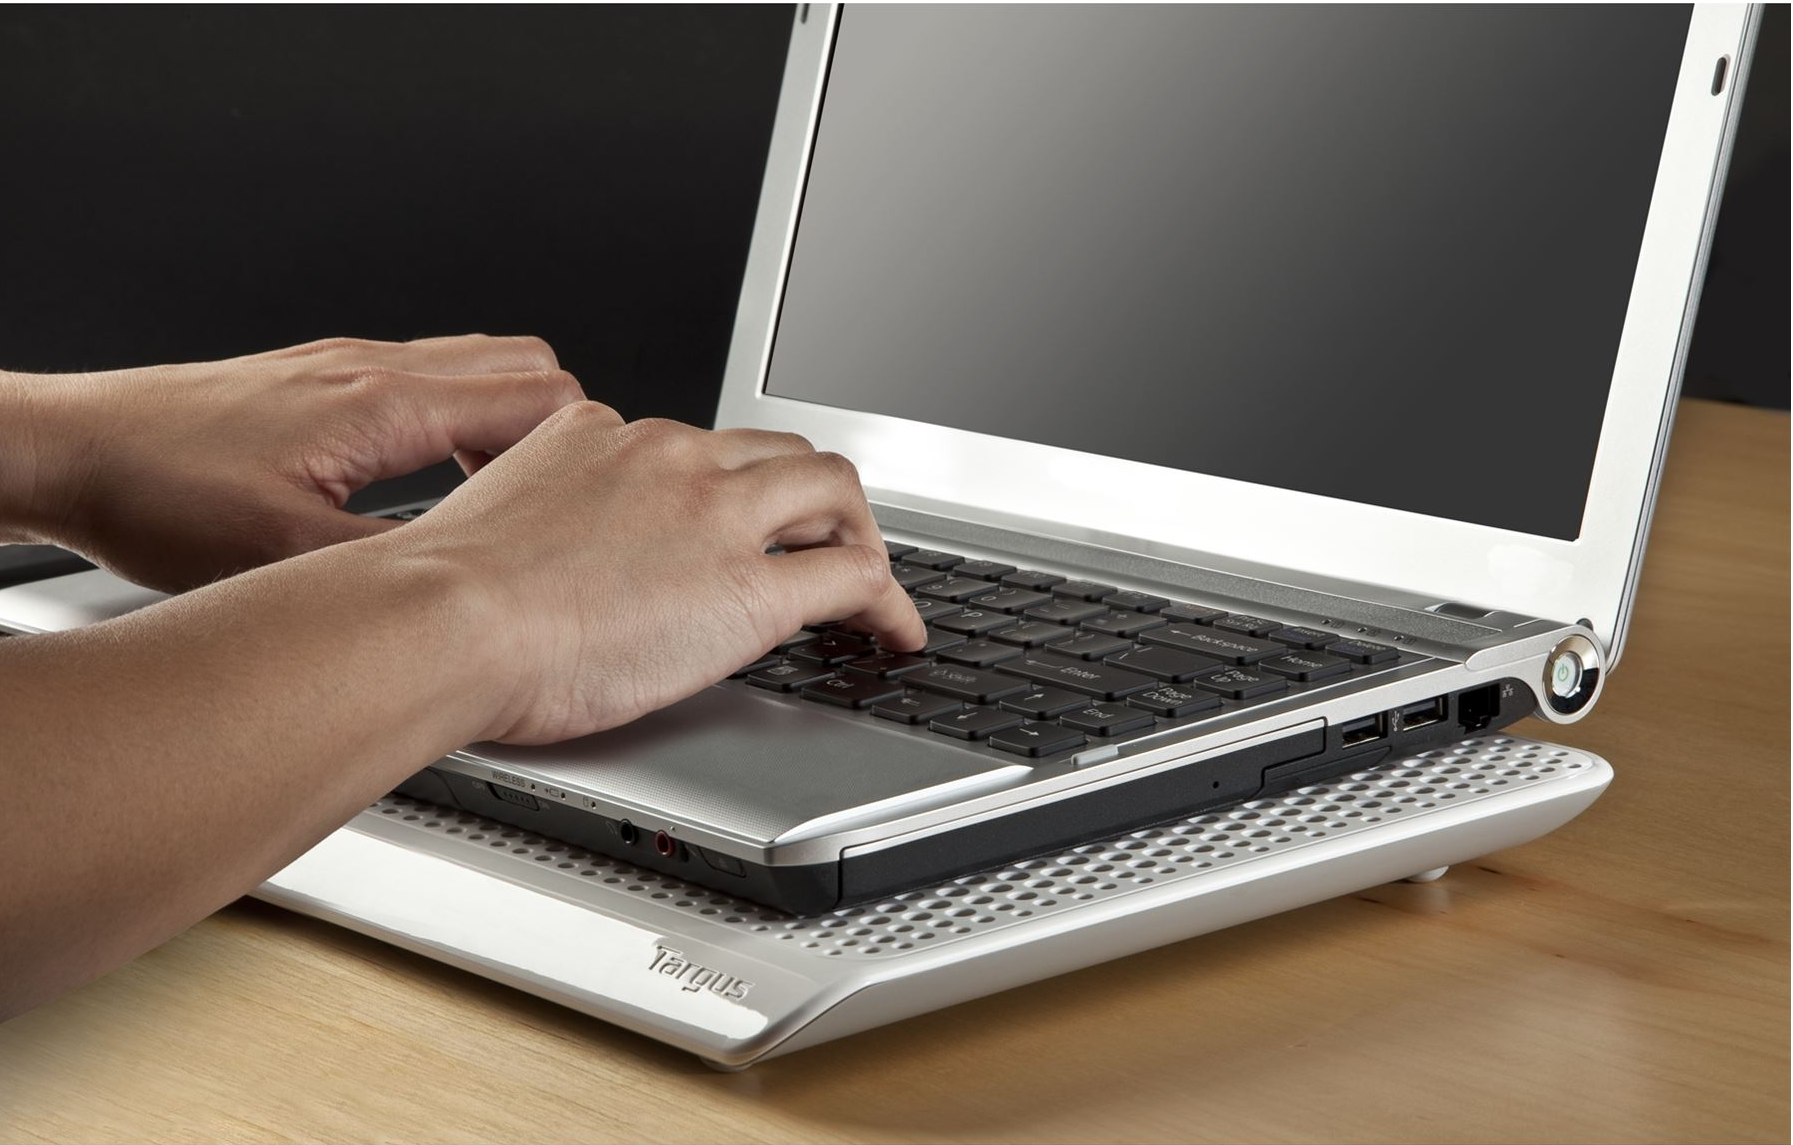 Bạn nên sử dụng máy tản nhiệt hoặc để máy tính trên bàn làm việc. (Ảnh: Internet)